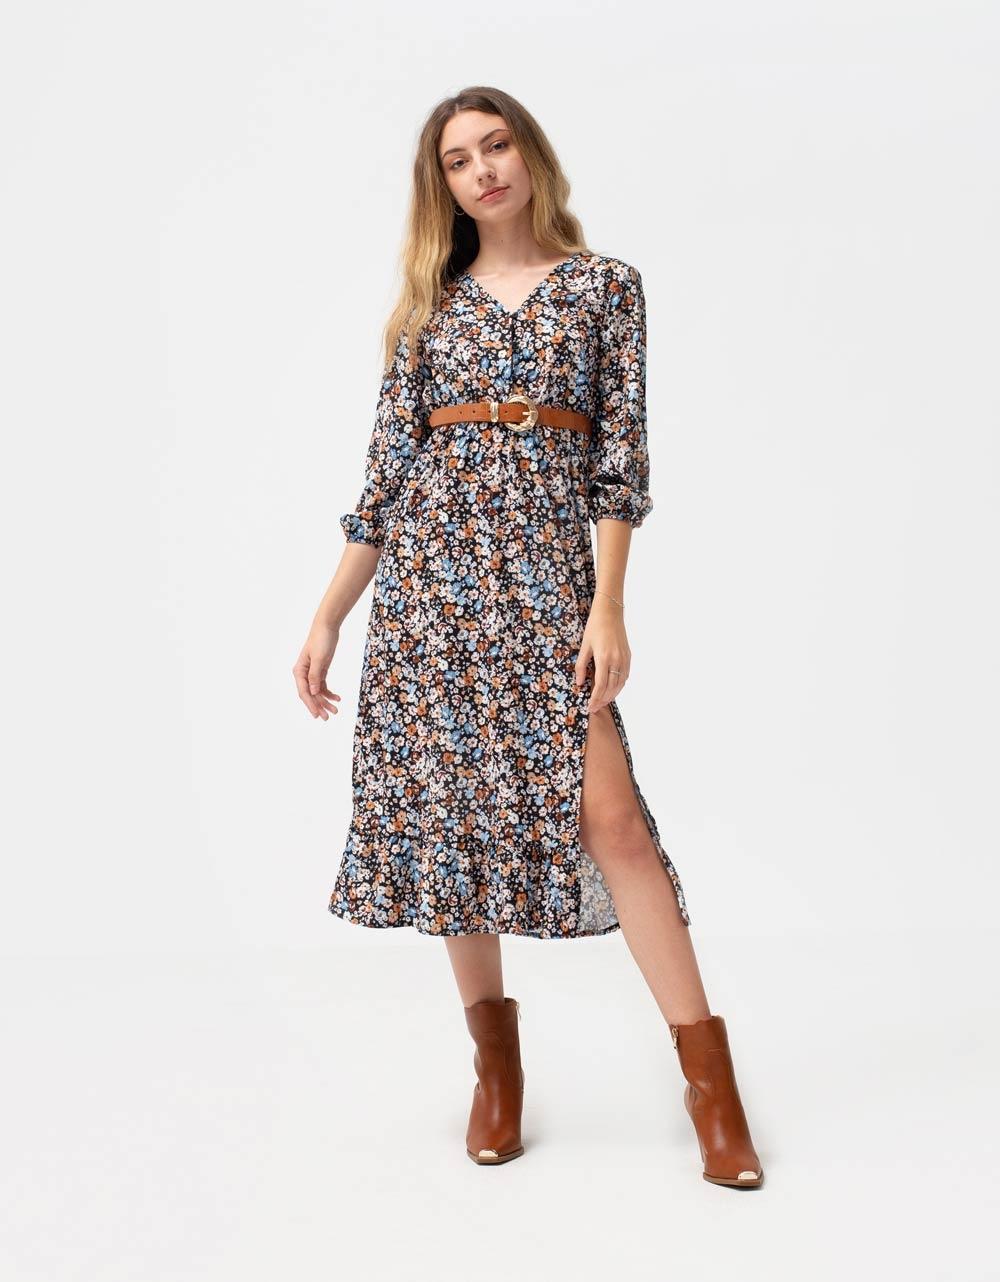 Εικόνα από Γυναικείο φόρεμα floral μάξι Μαύρο